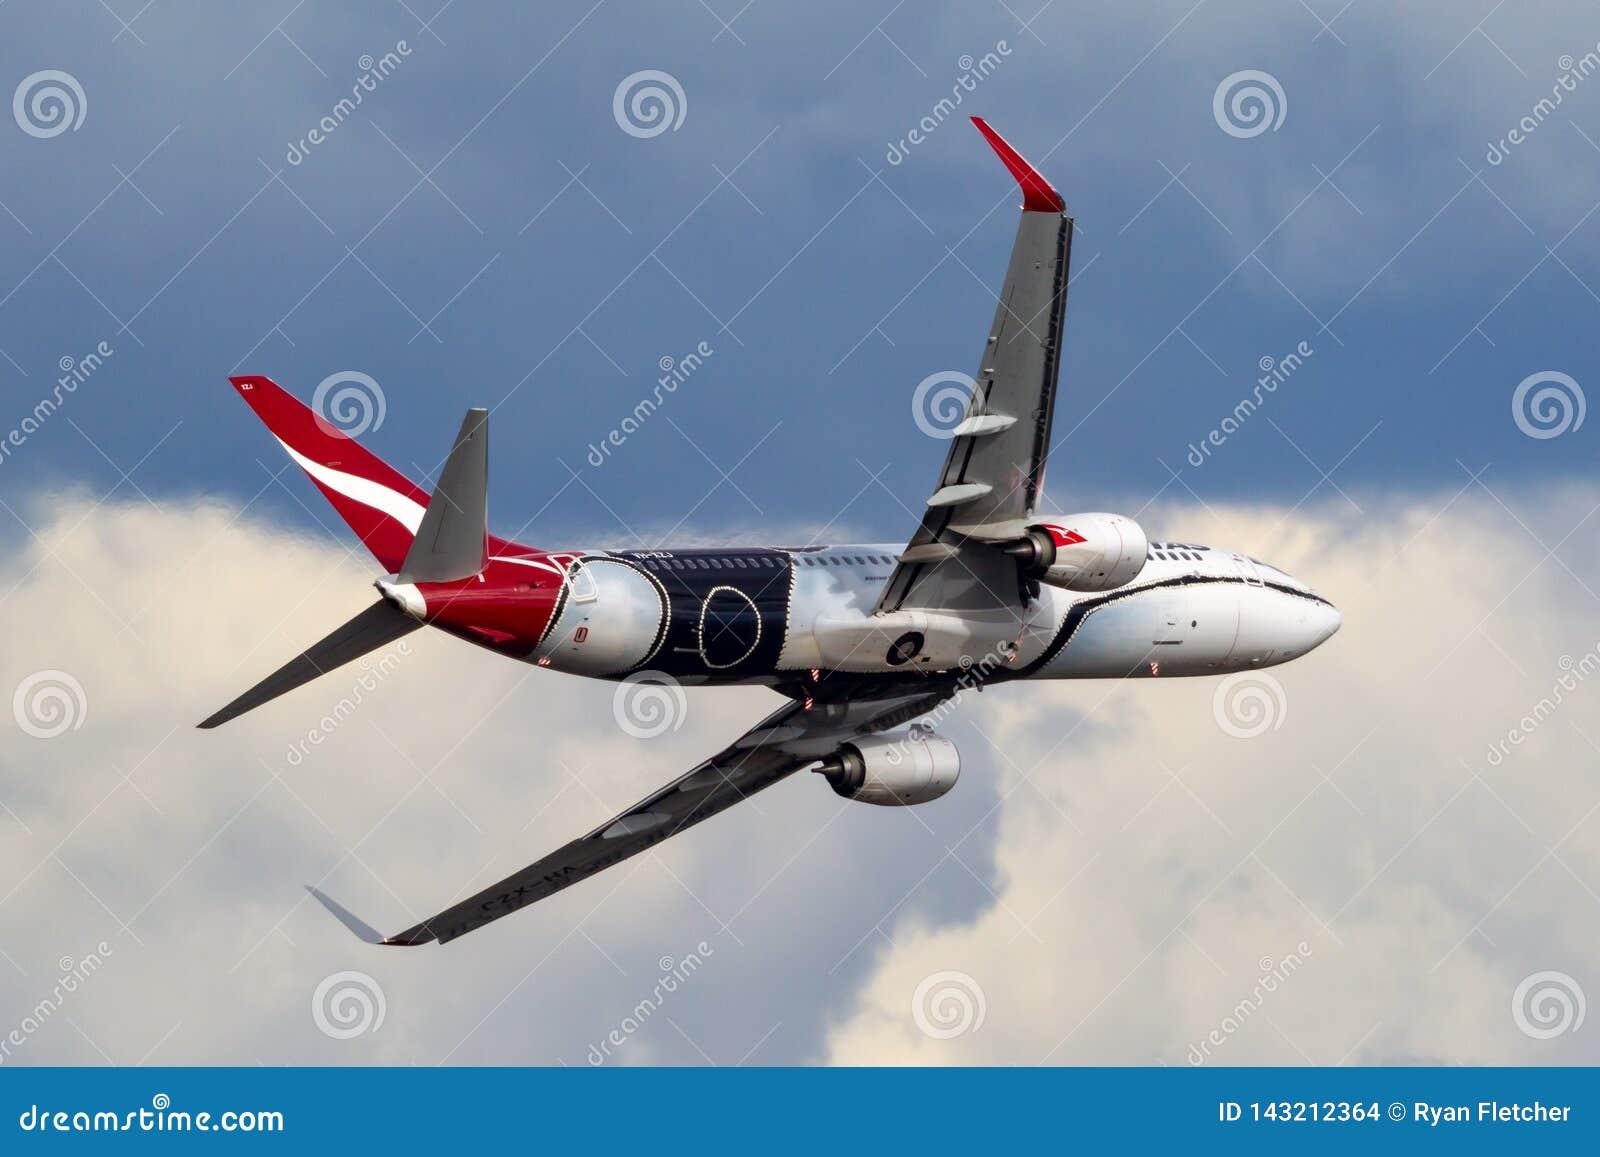 Qantas Boeing 737 Flugzeuge VH-XZJ nannte Mendoowoorrji, das eine spezielle eingeborene themenorientierte Livree trägt, die eine